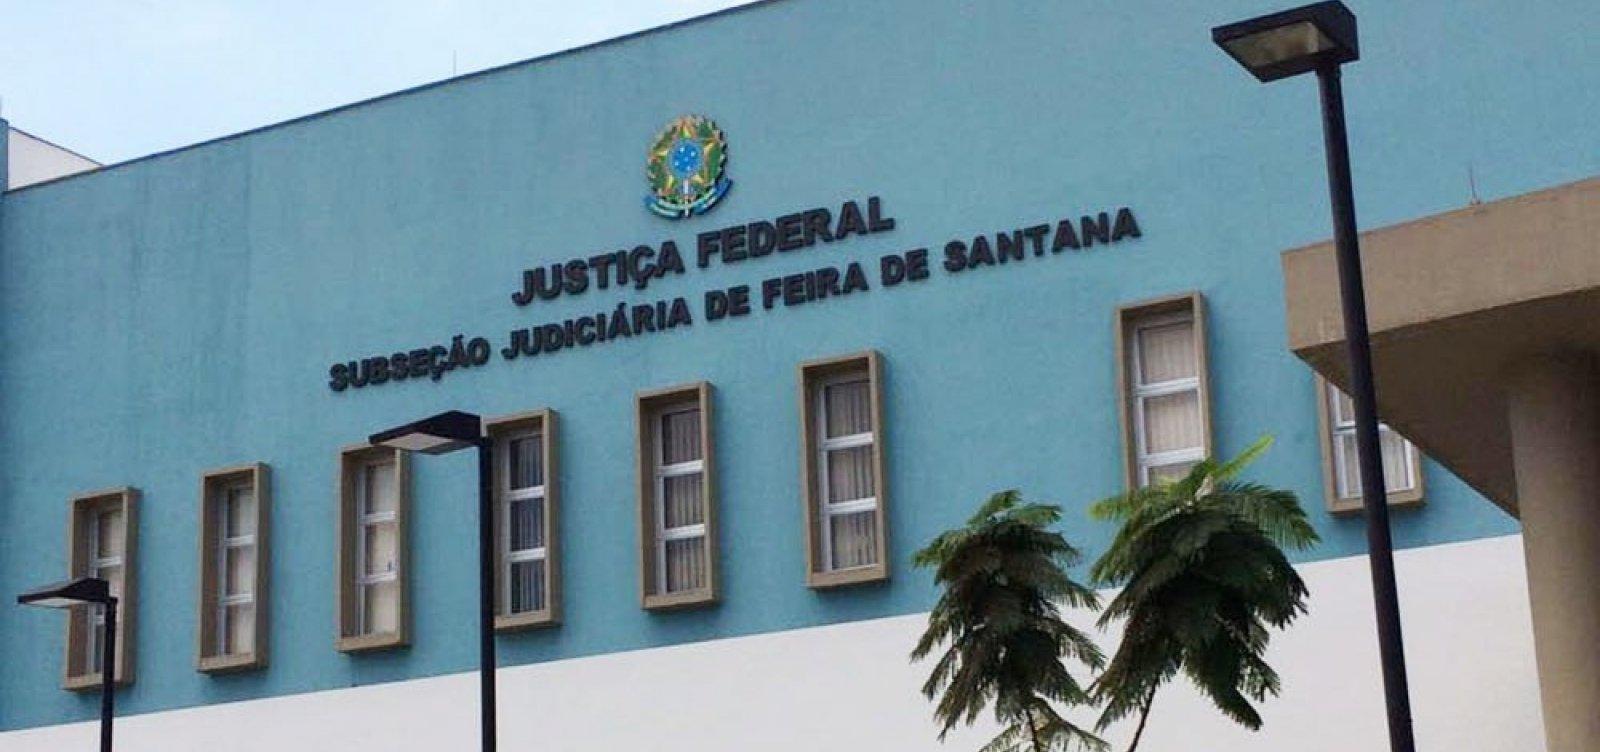 """Juiz em Feira de Santana nega benefício a criança com deficiência para não gerar """"acomodação"""" na família"""